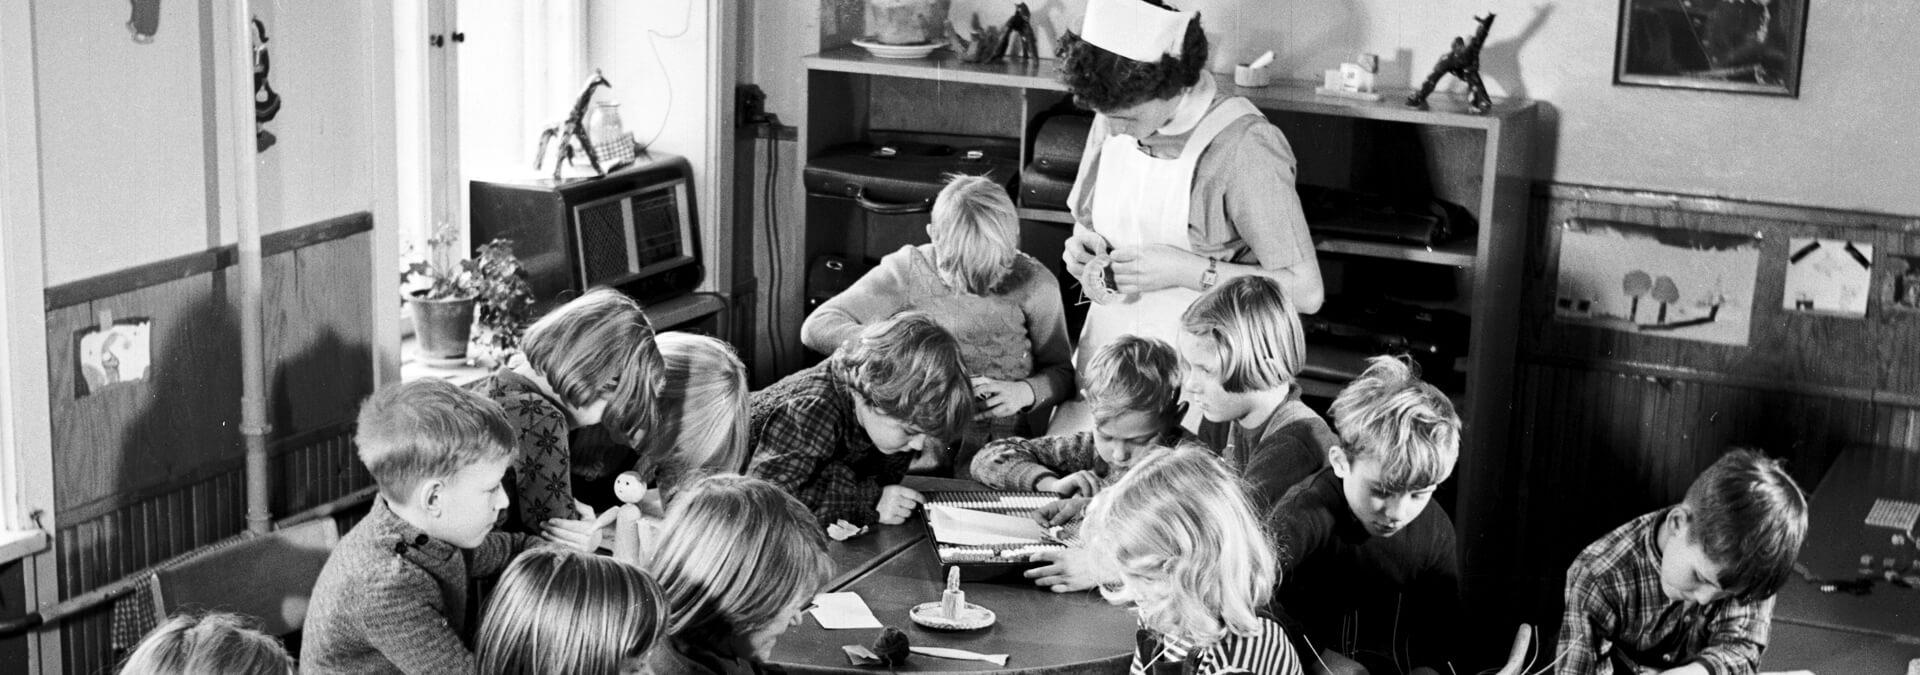 Børnene i børnehaven sidder rundt om et bord og fletter, Kvindehjemmets historie